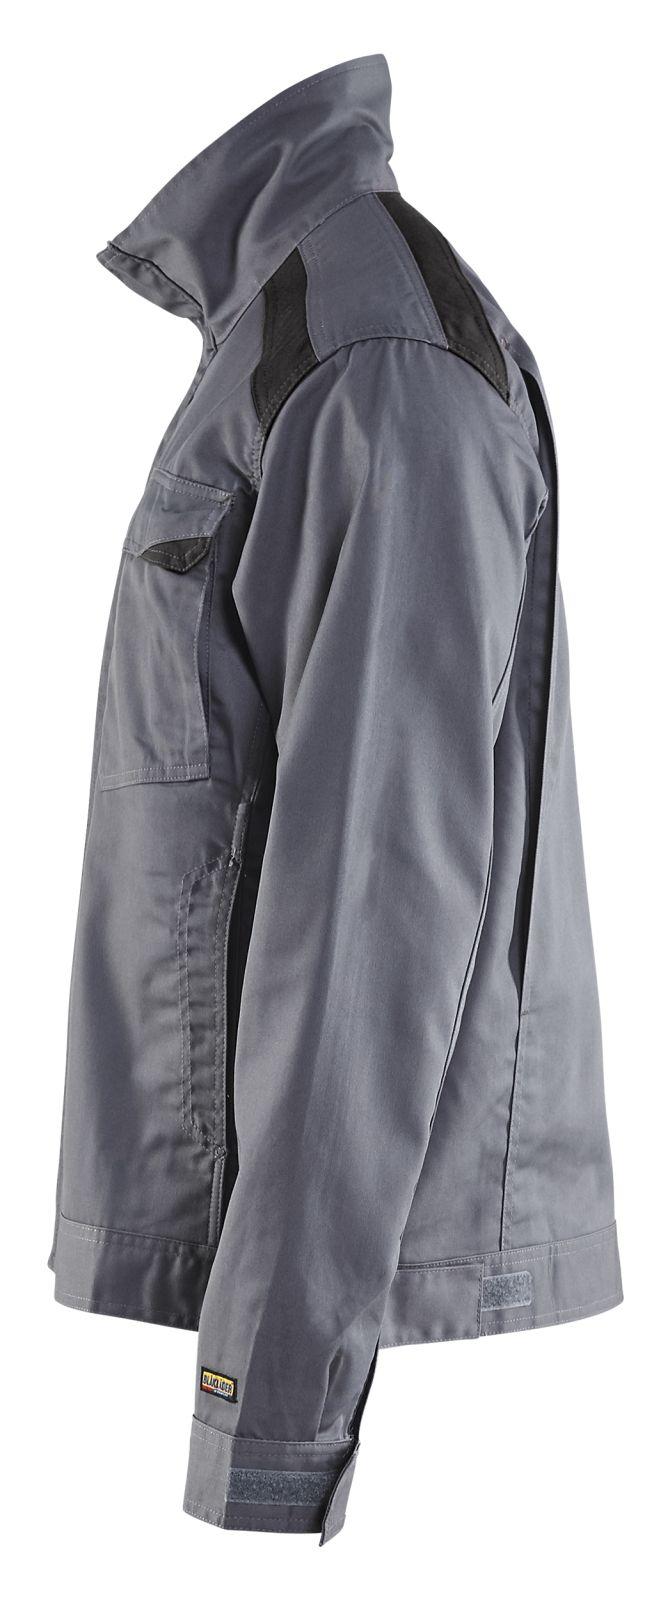 Blaklader Jassen 40541800 grijs-zwart(9499)